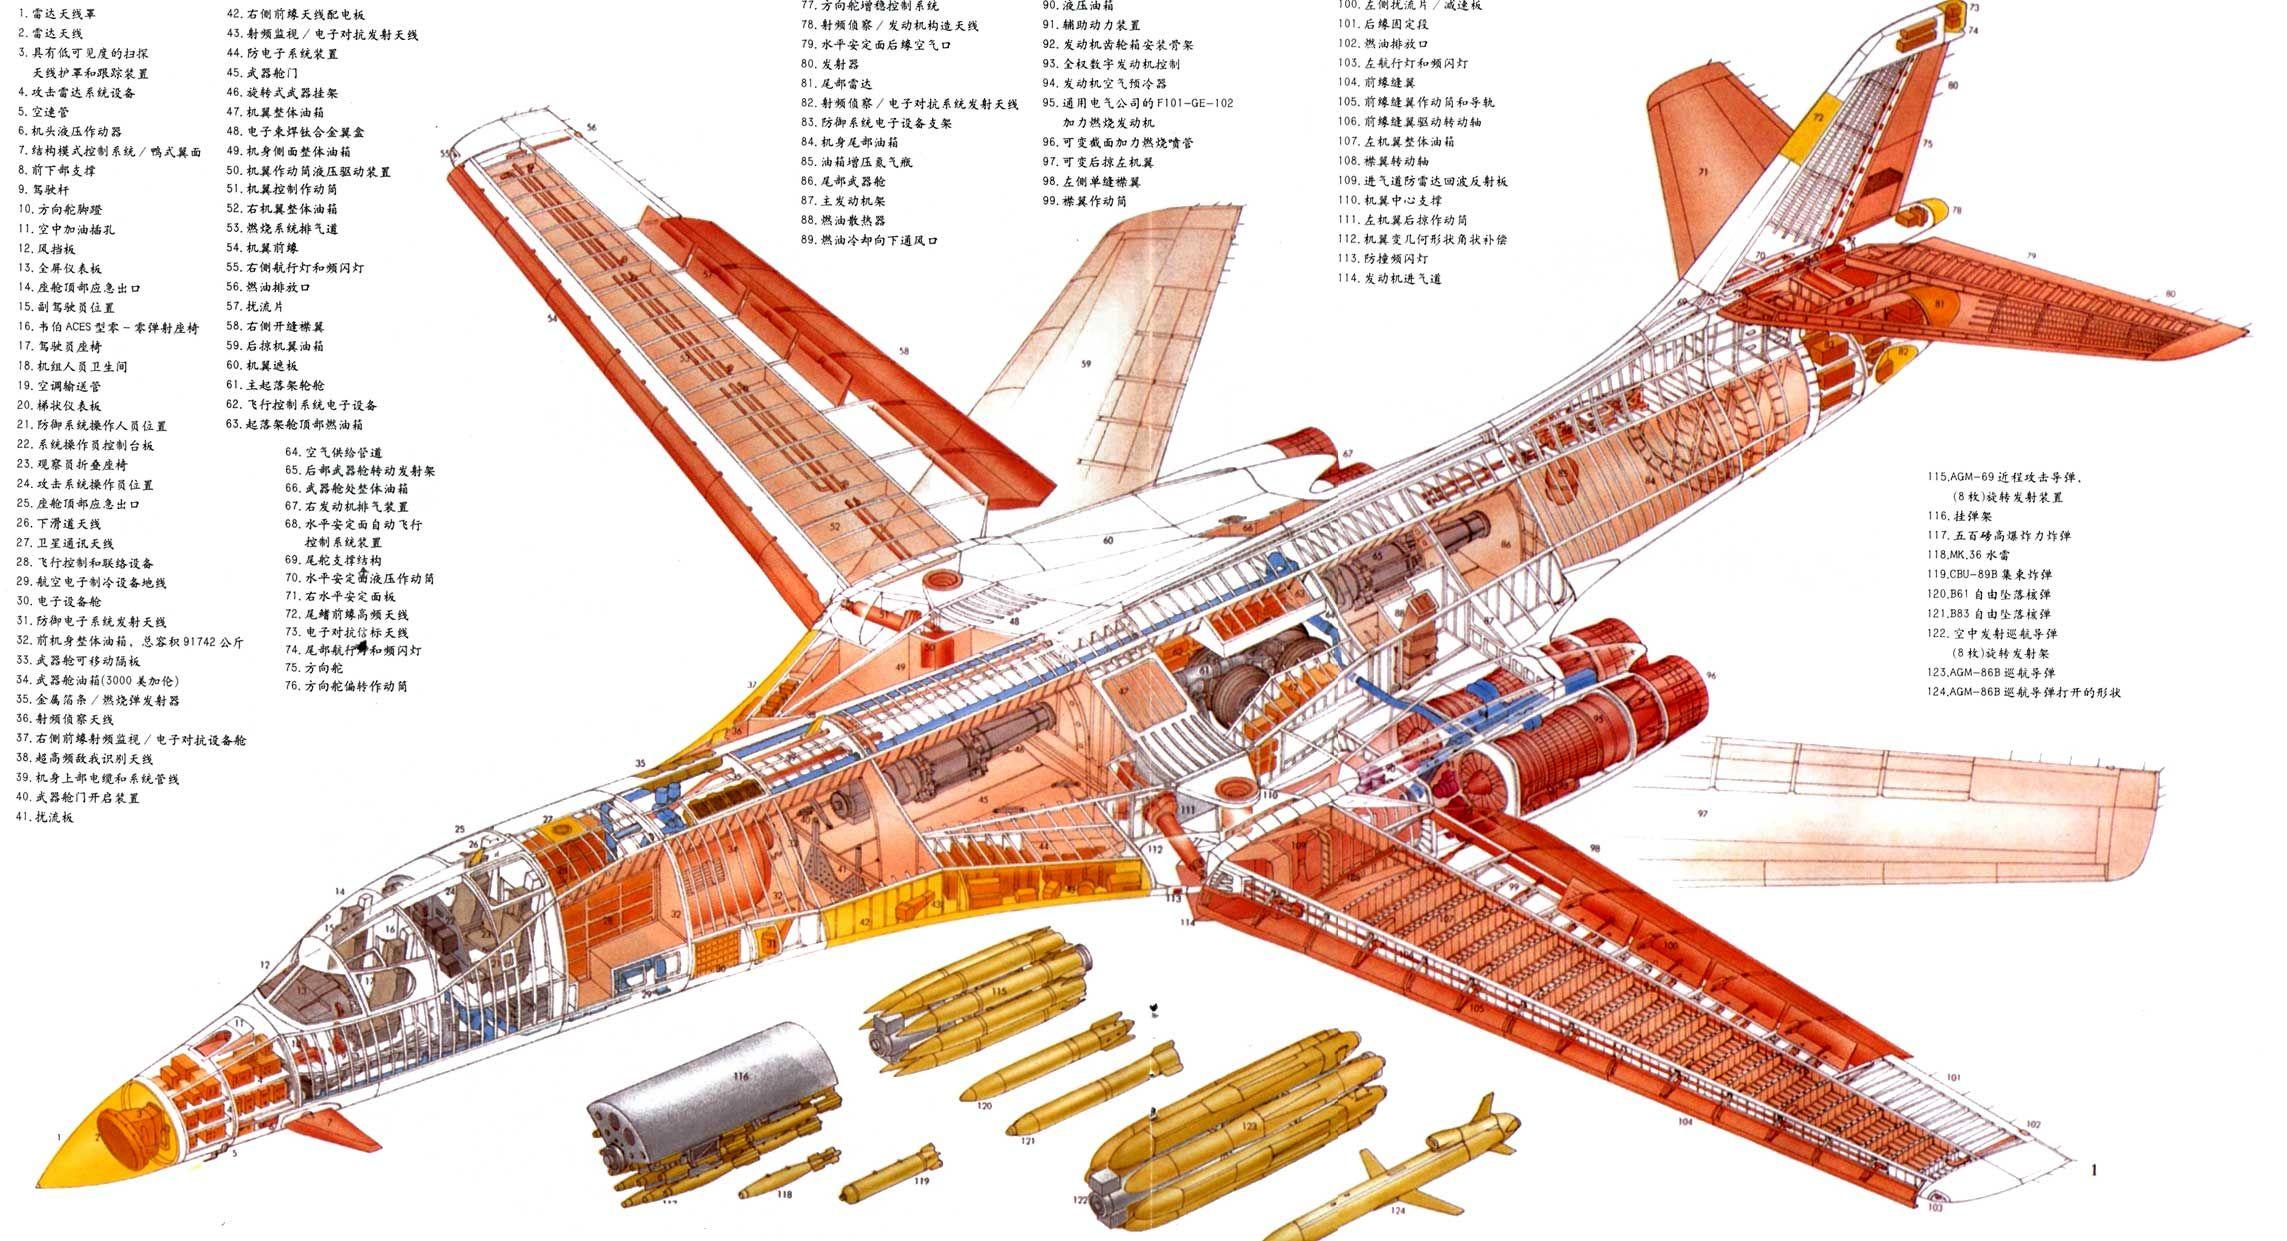 B 1 Lancer Blueprints Pinterest Cutaway Aircraft